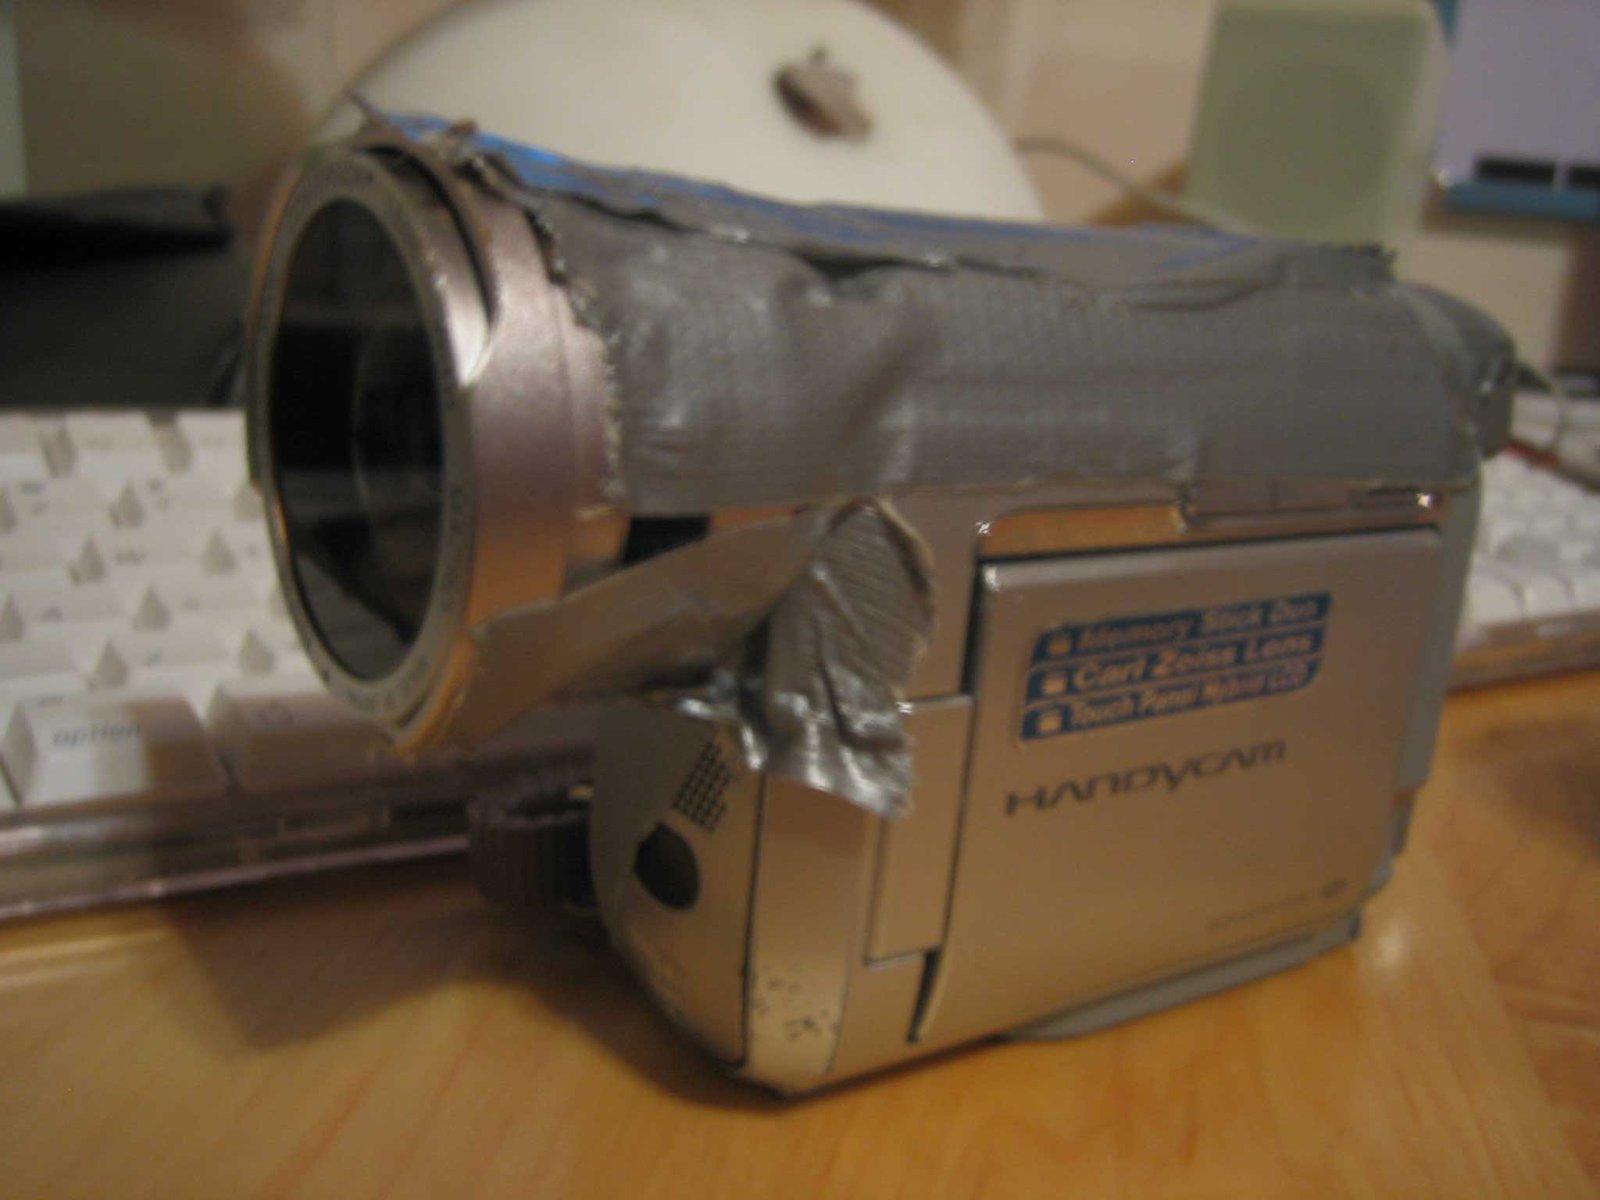 temporary fisheye adapter